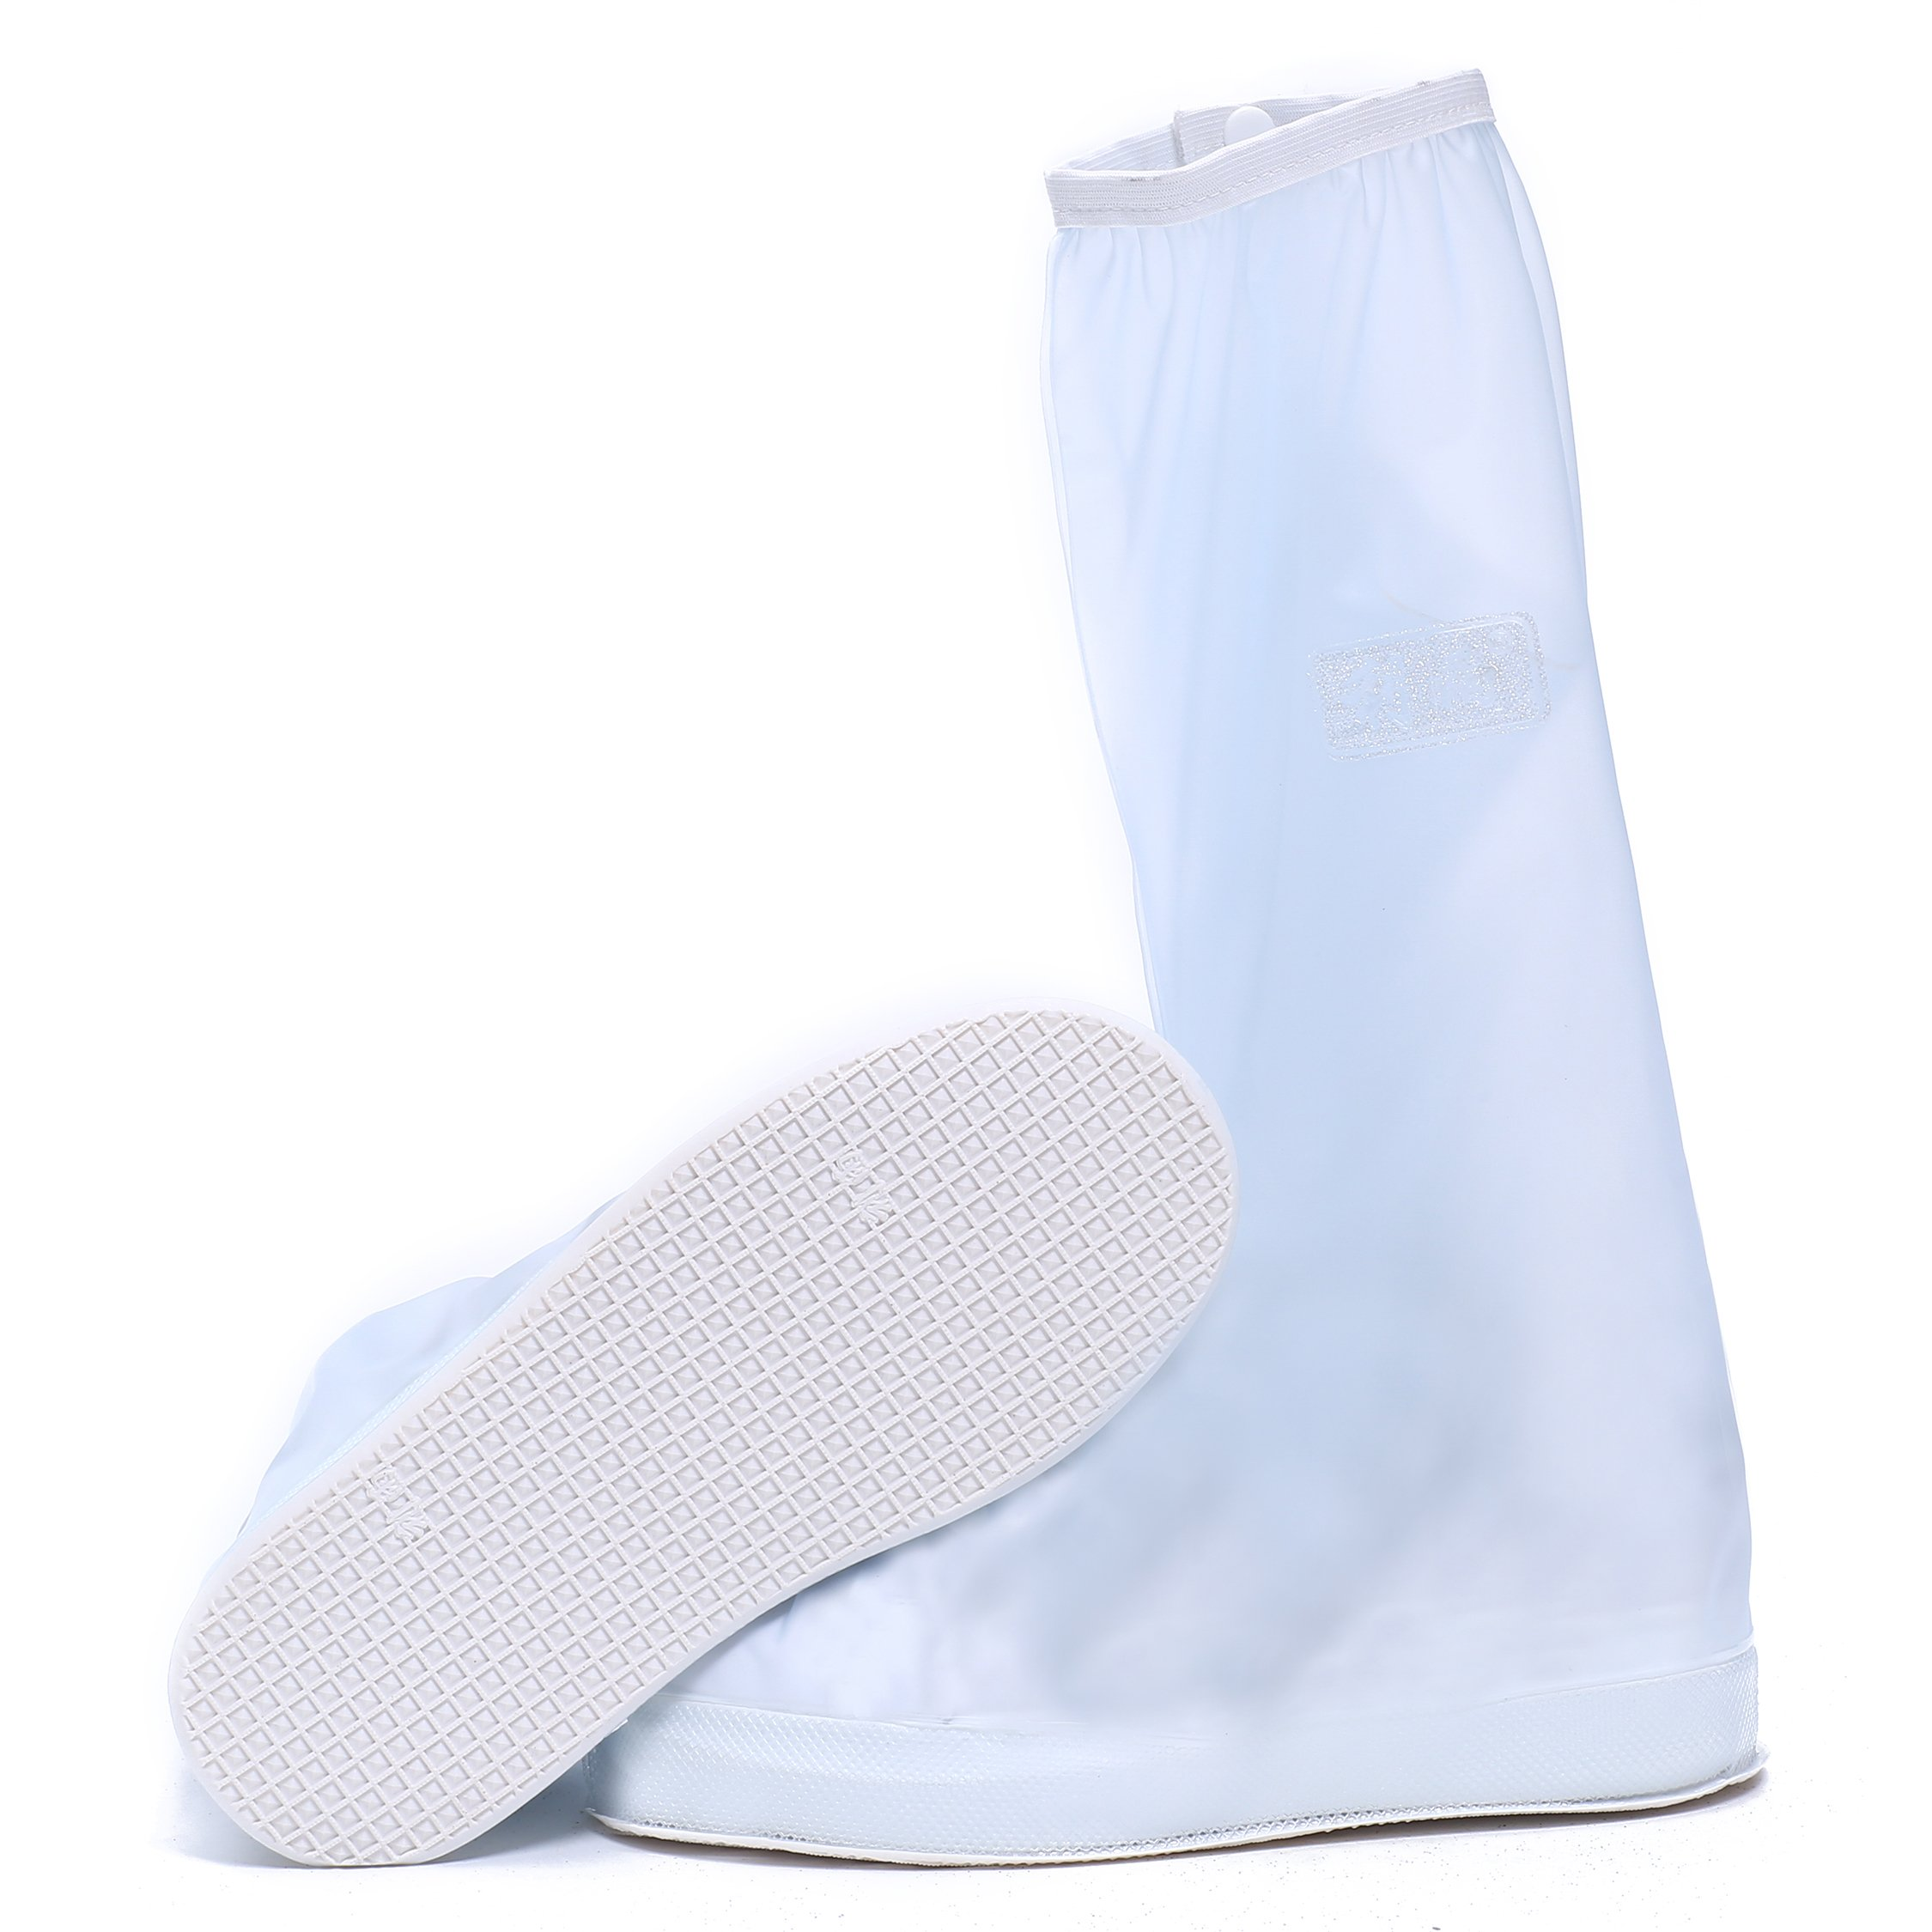 CISSETINA Reusable Waterproof Non-Slip Shoe Covers Unisex Rainy Shoes Covers (M, A0002-White)